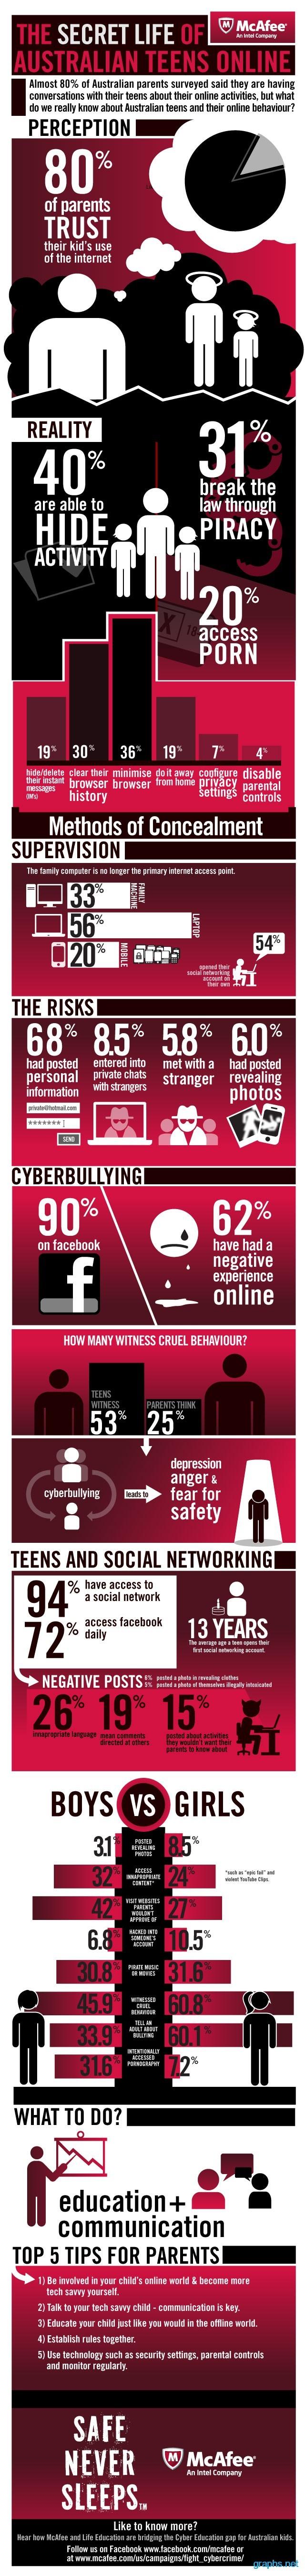 australian teenagers online behavior